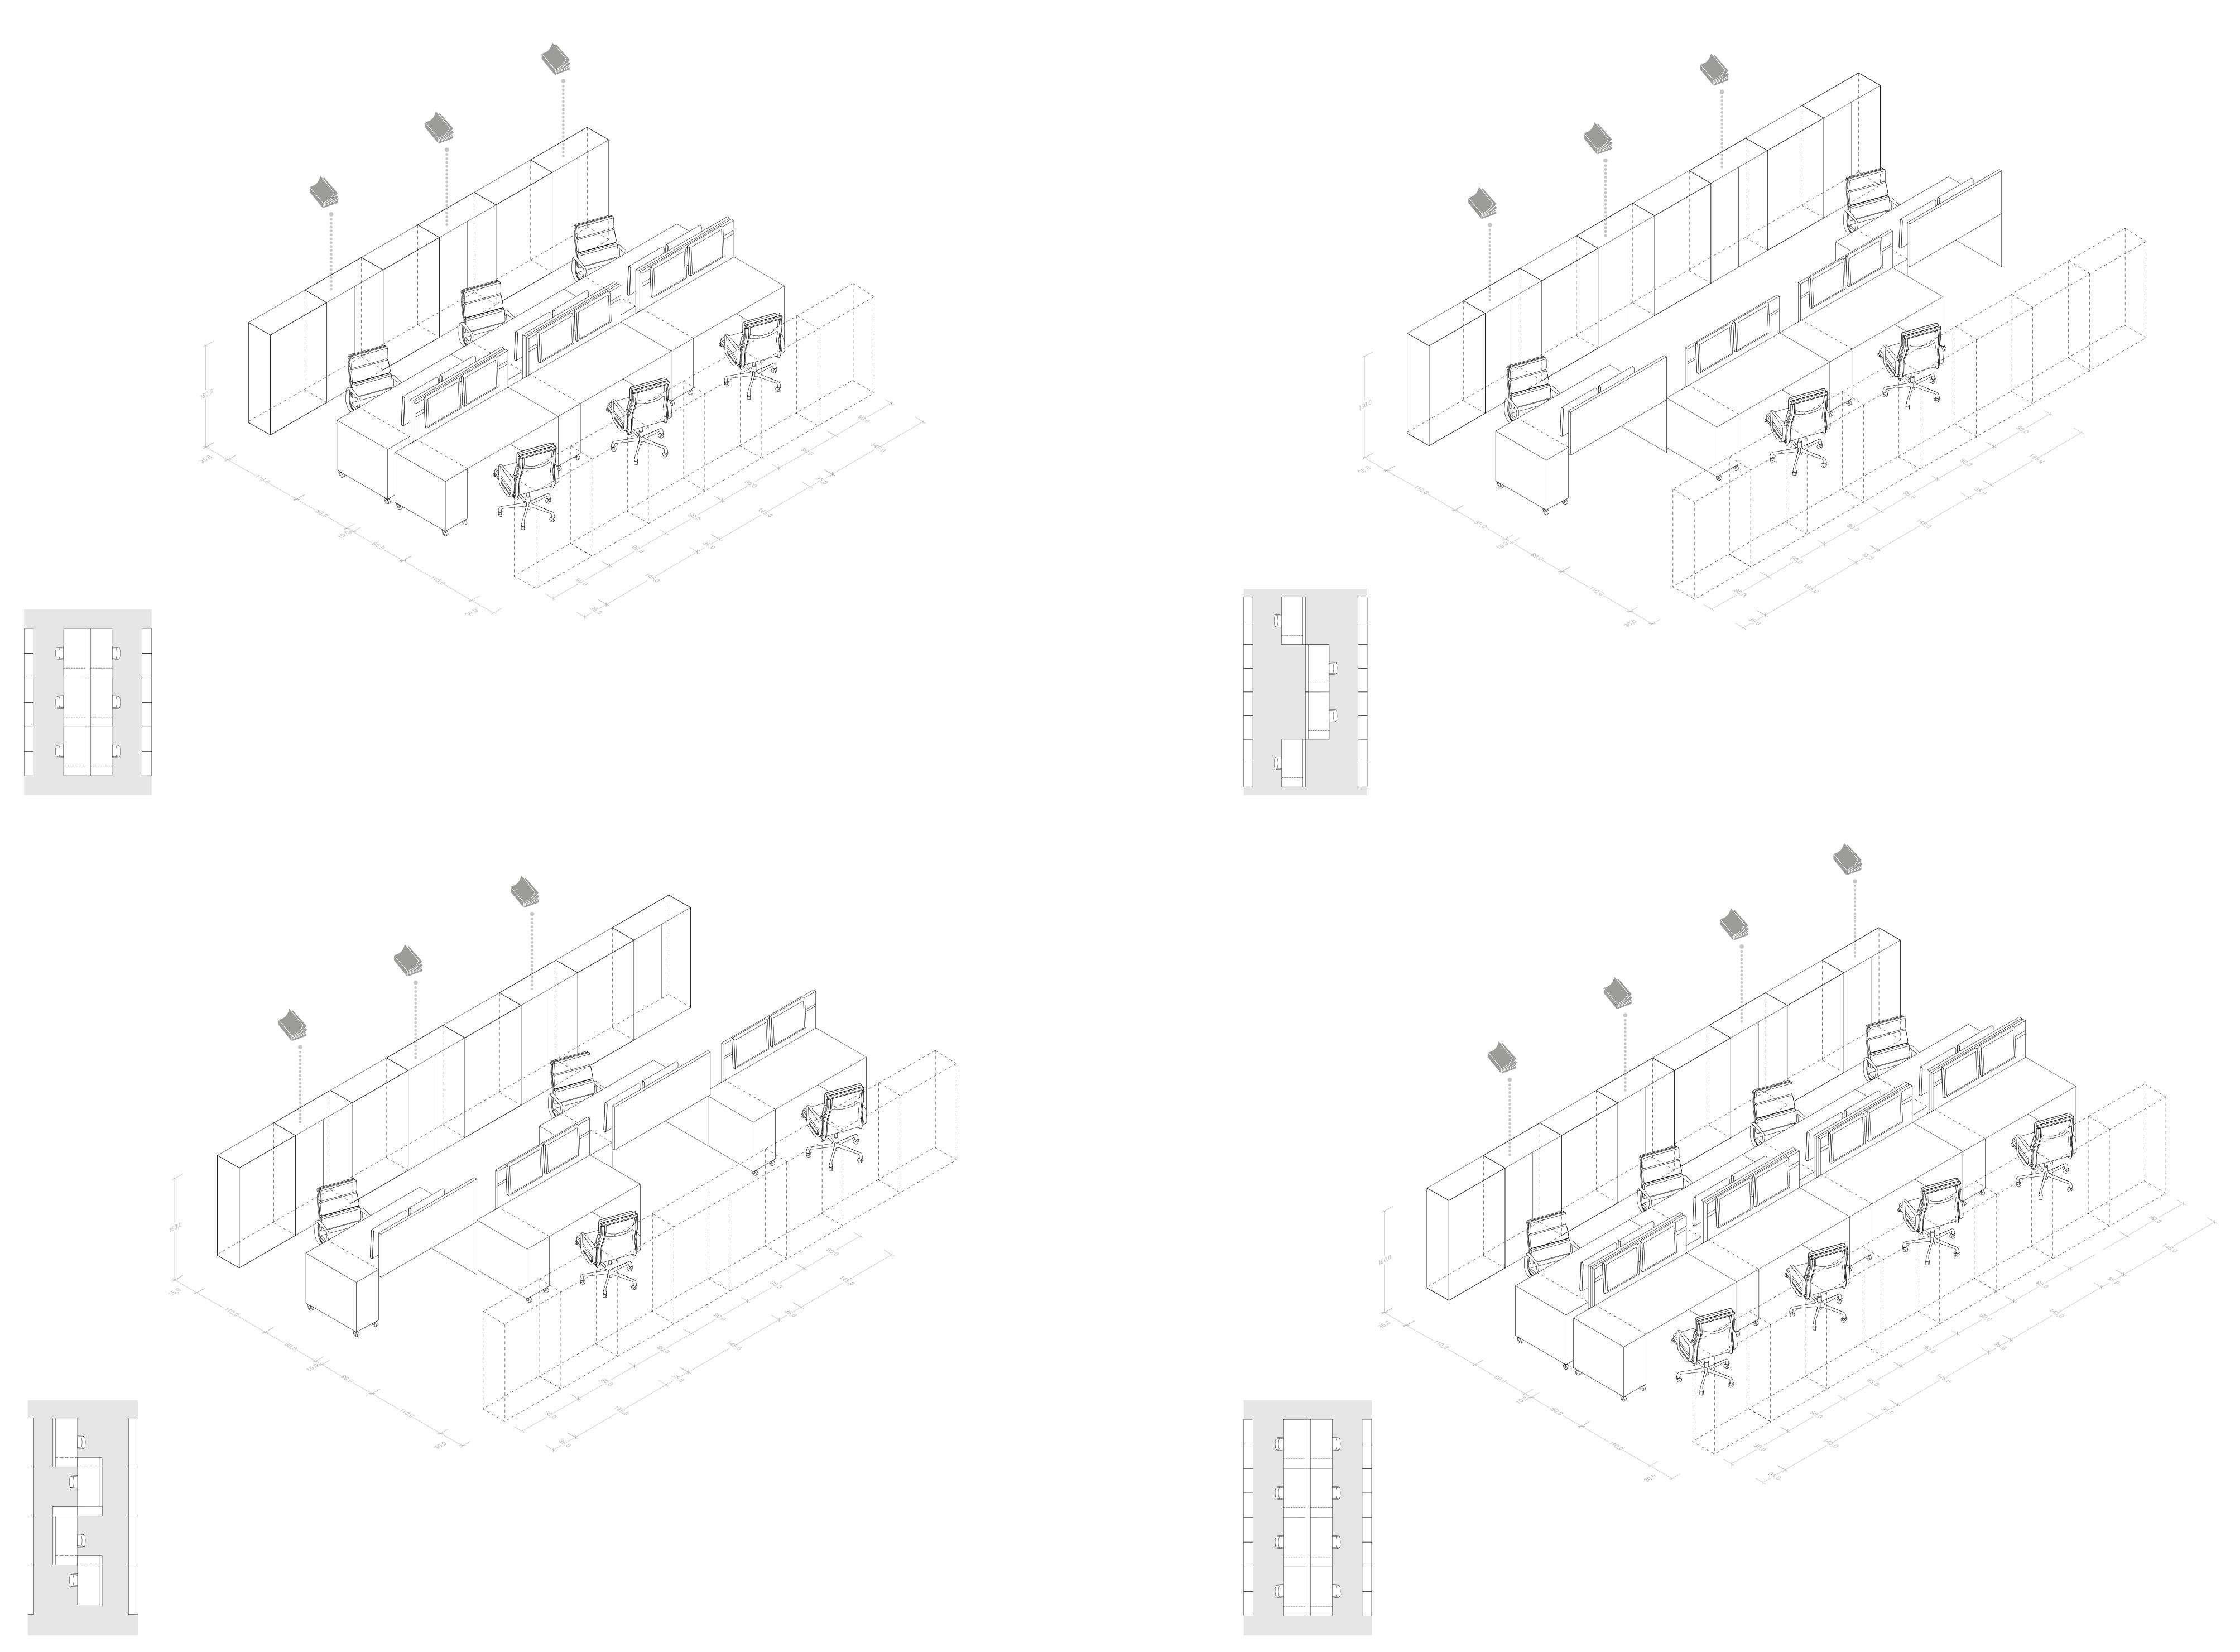 GE_kopfbau_design_print-21